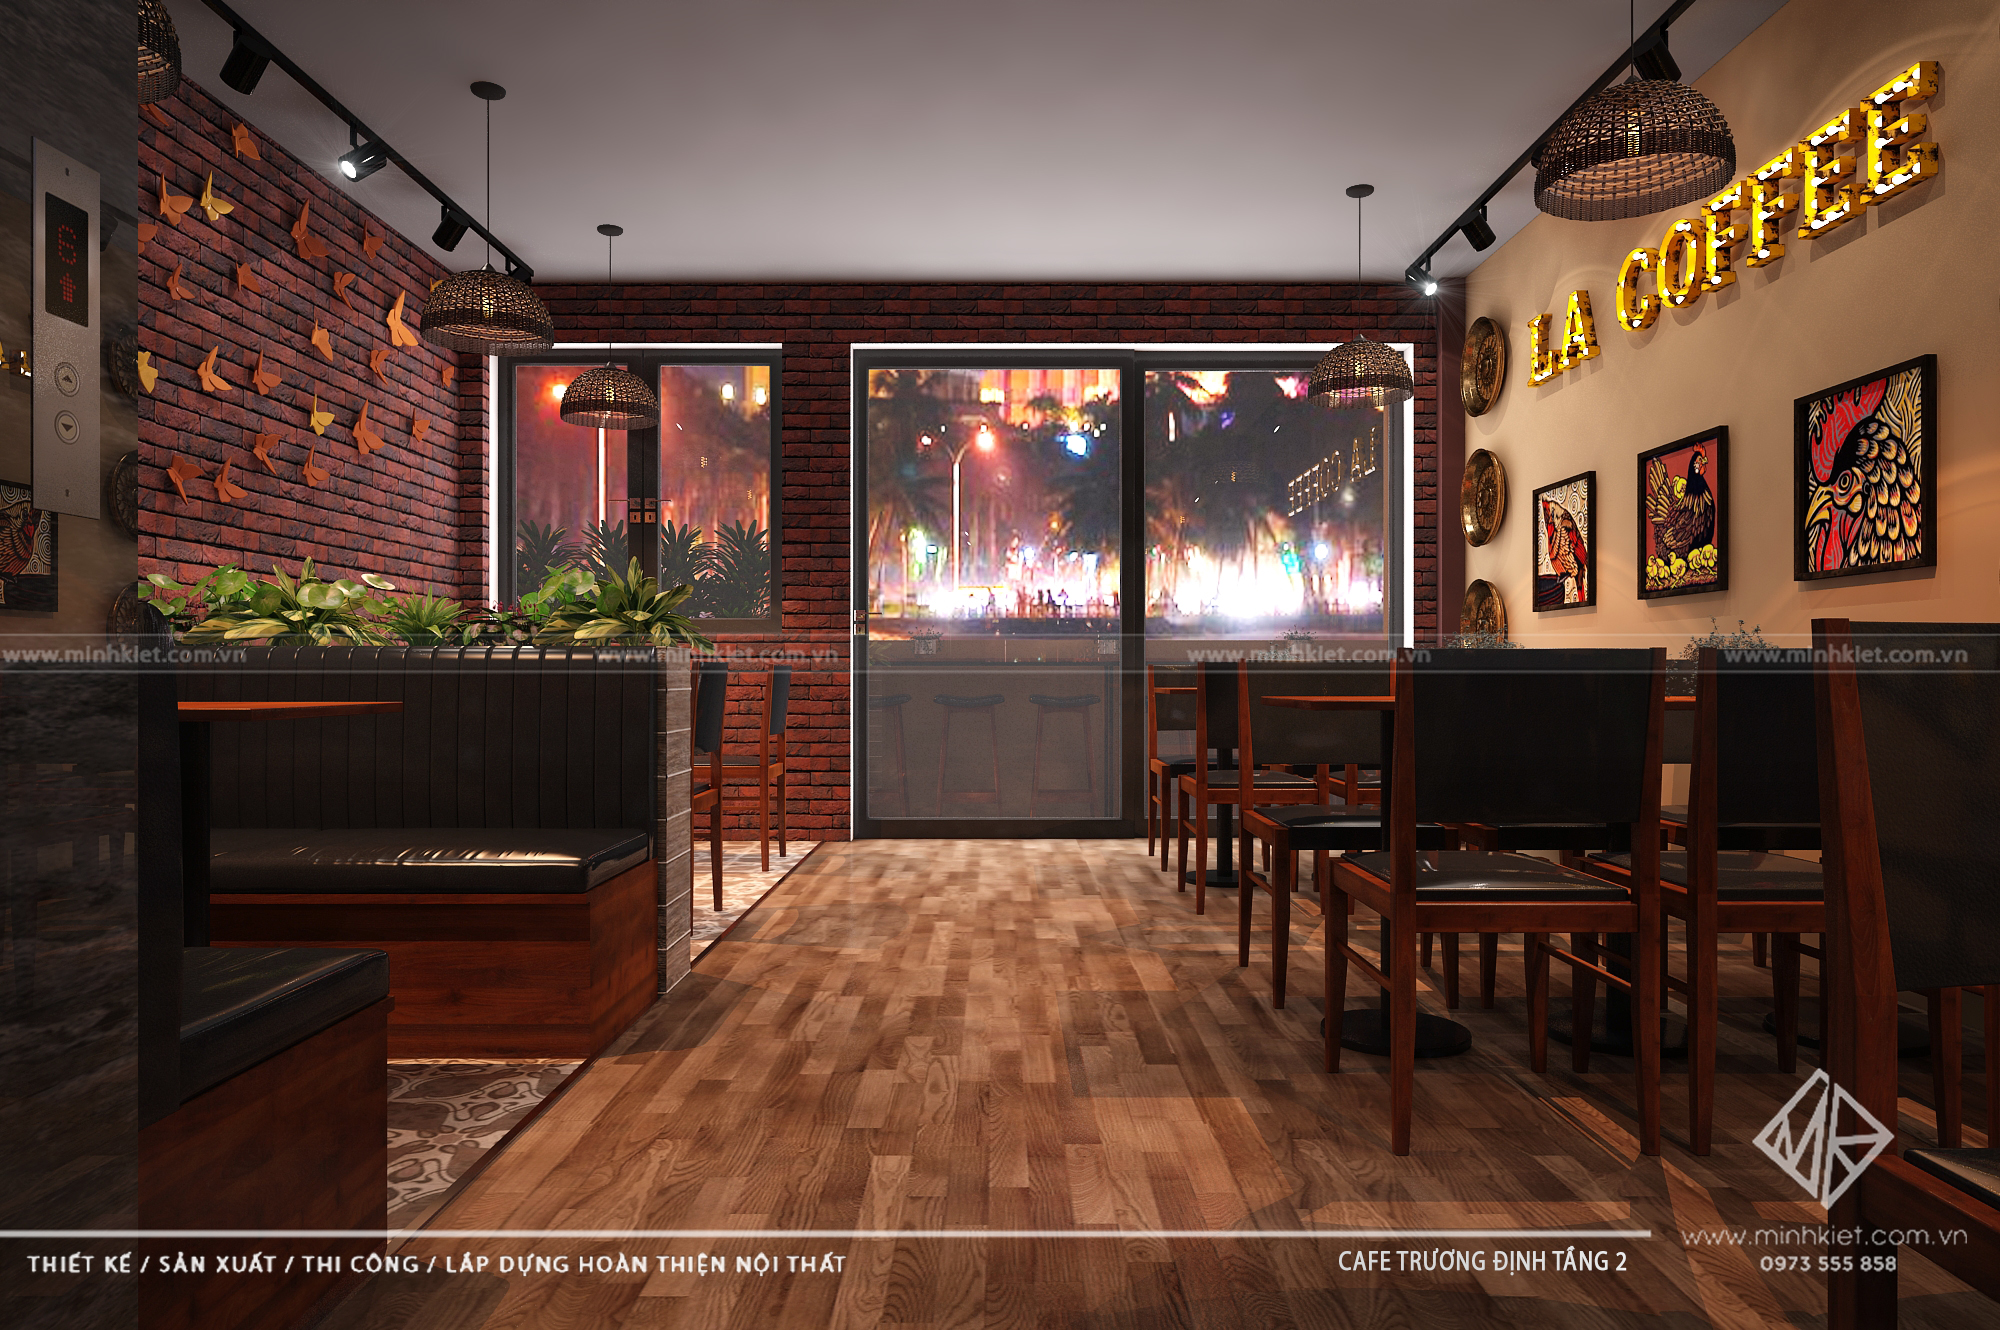 Thiết kế La Coffee - Trương Định